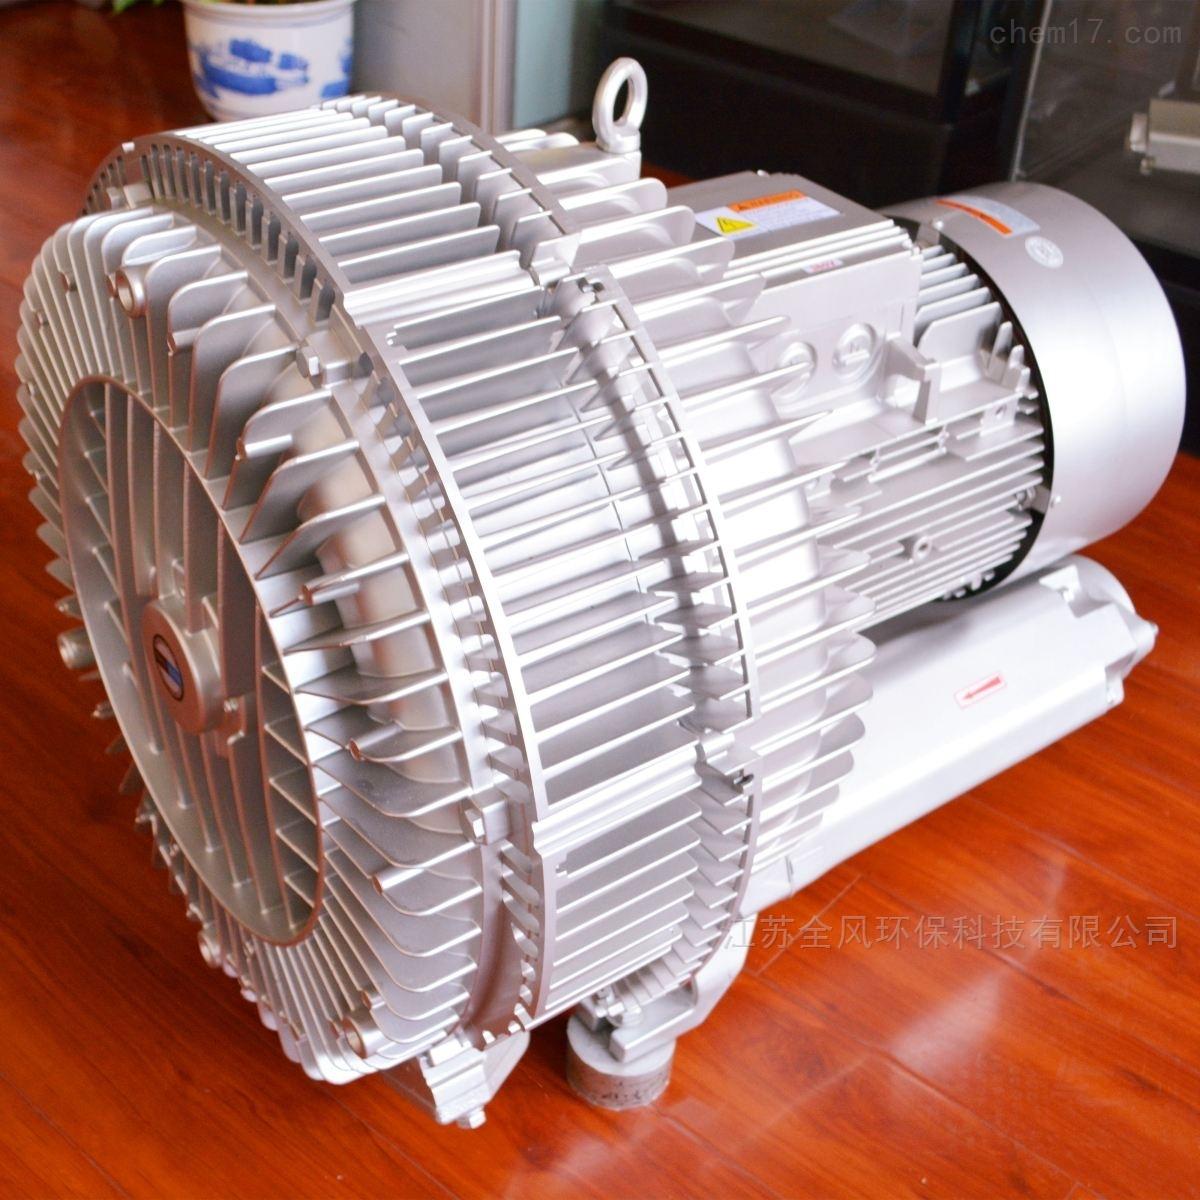 水处理曝气rb-84s-1双段高压旋涡气泵